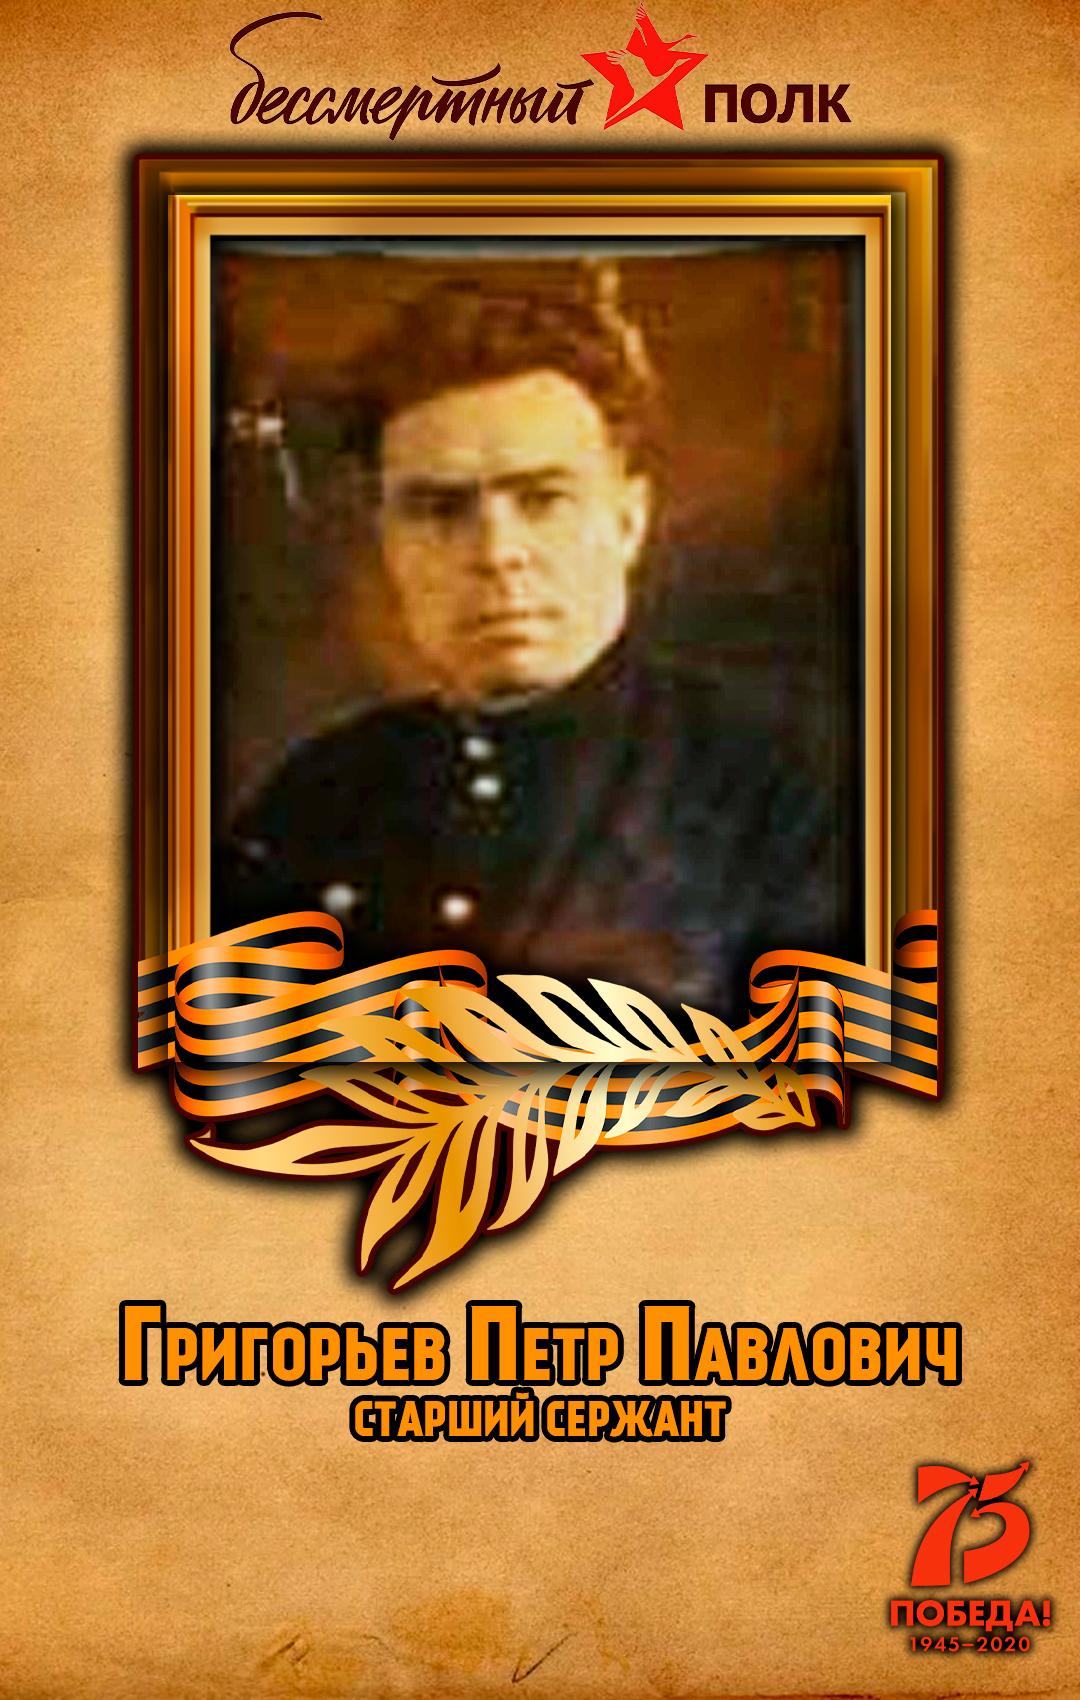 Григорьев-Петр-Павлович